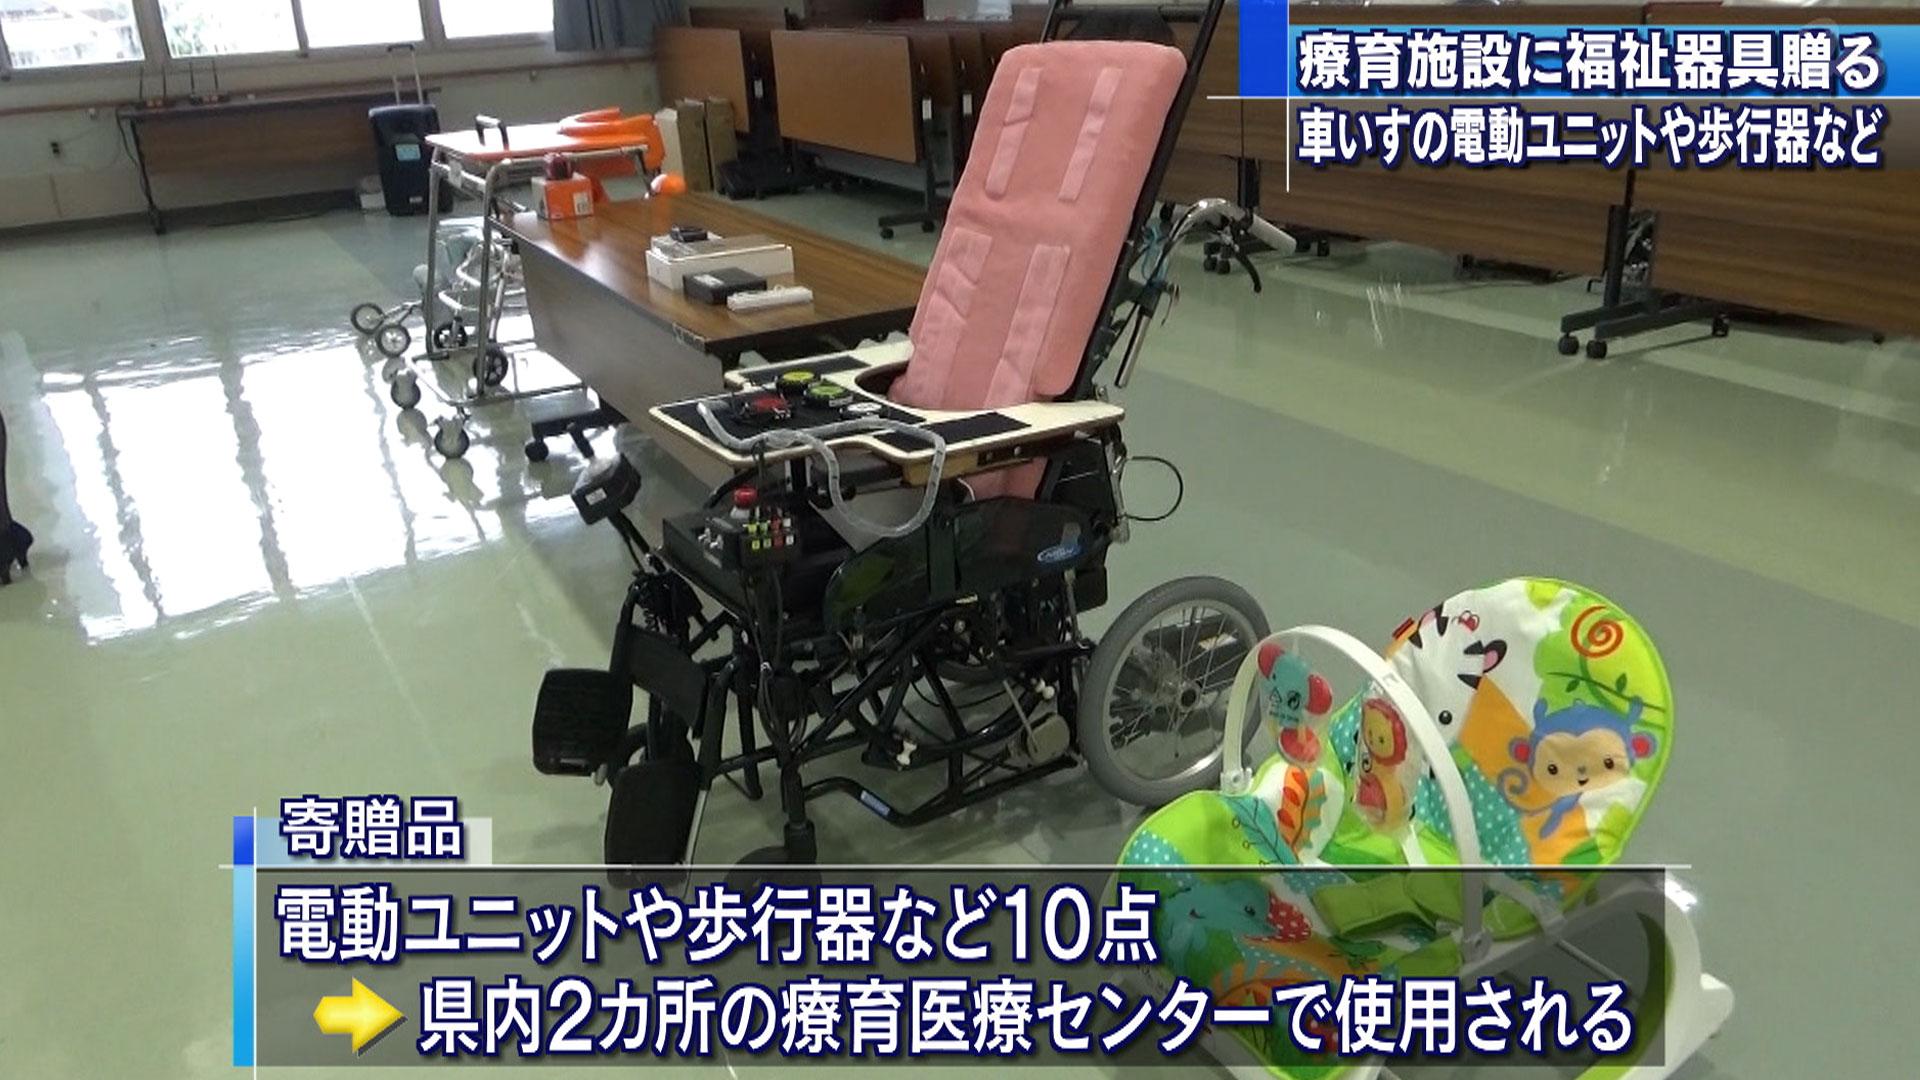 障害のある子どもたちに福祉器具贈呈